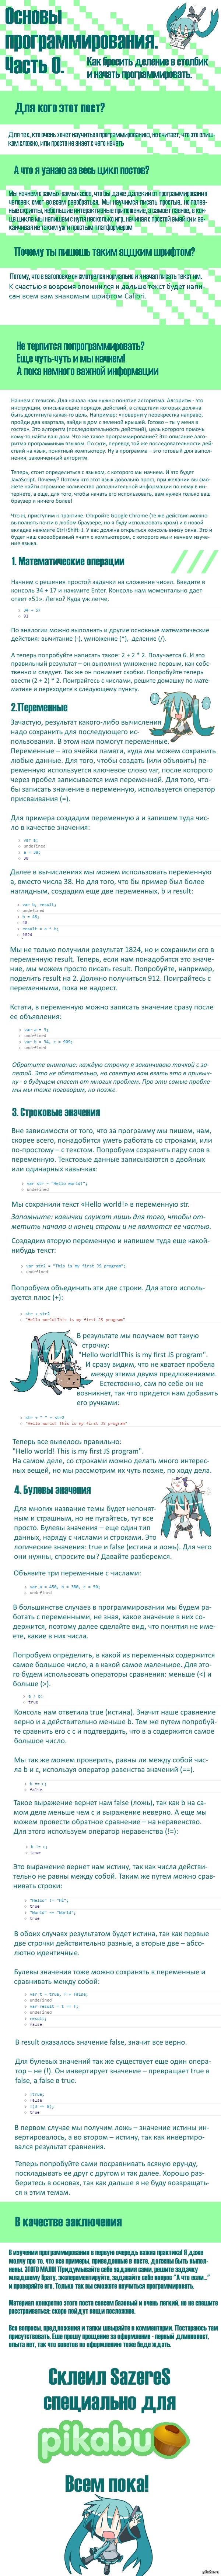 Основы программирования. Часть 0. Пост для тех, кто хотел научиться программированию, но не знал с чего начать. Это мой дебют и как пикабушника, и как учителя, так что жду советов и критики)